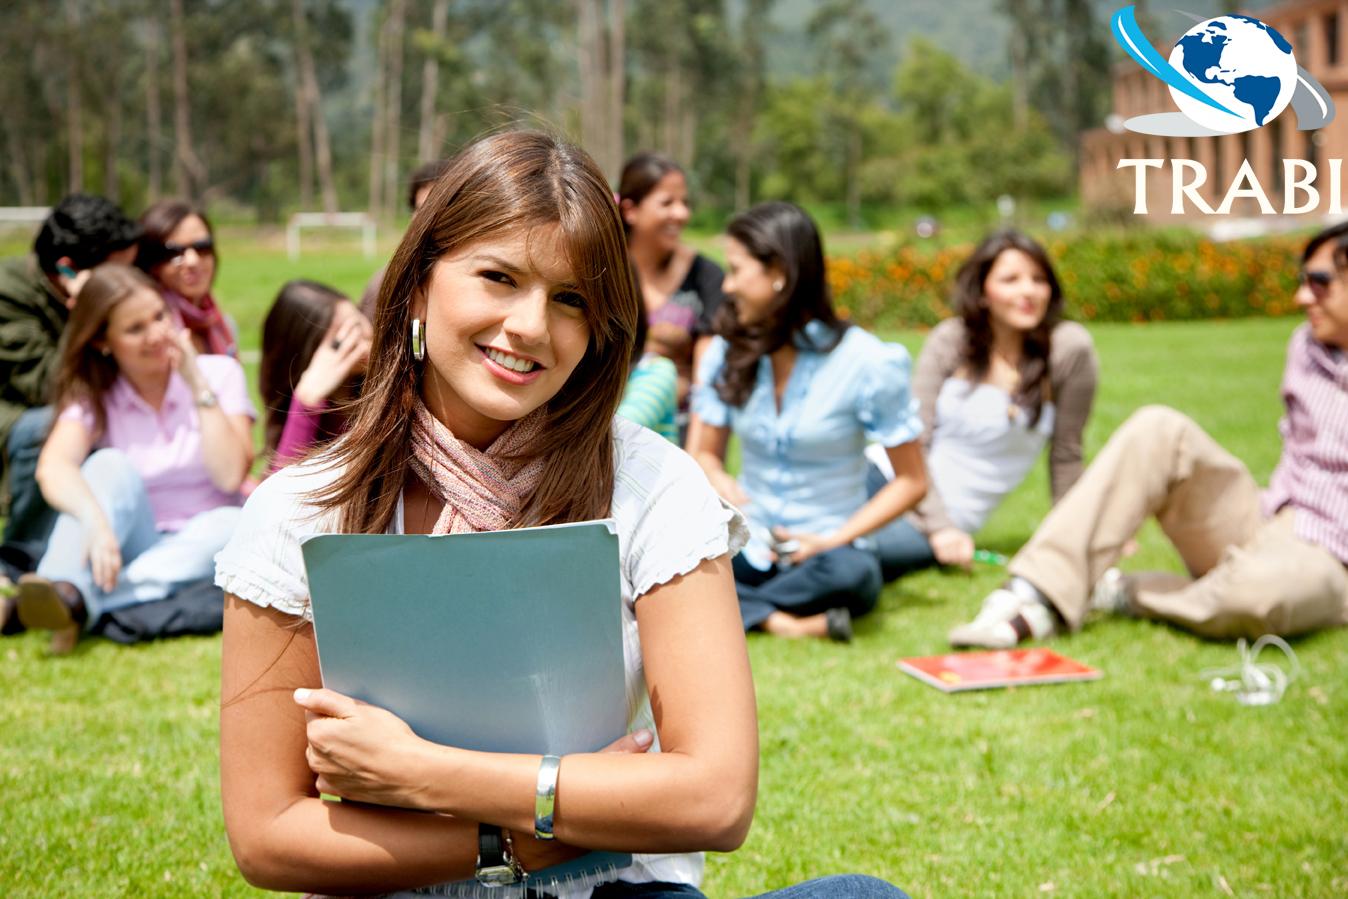 Sinh viên ngành kinh tế có thể làm việc trong nhiều ngành sau tốt nghiệp